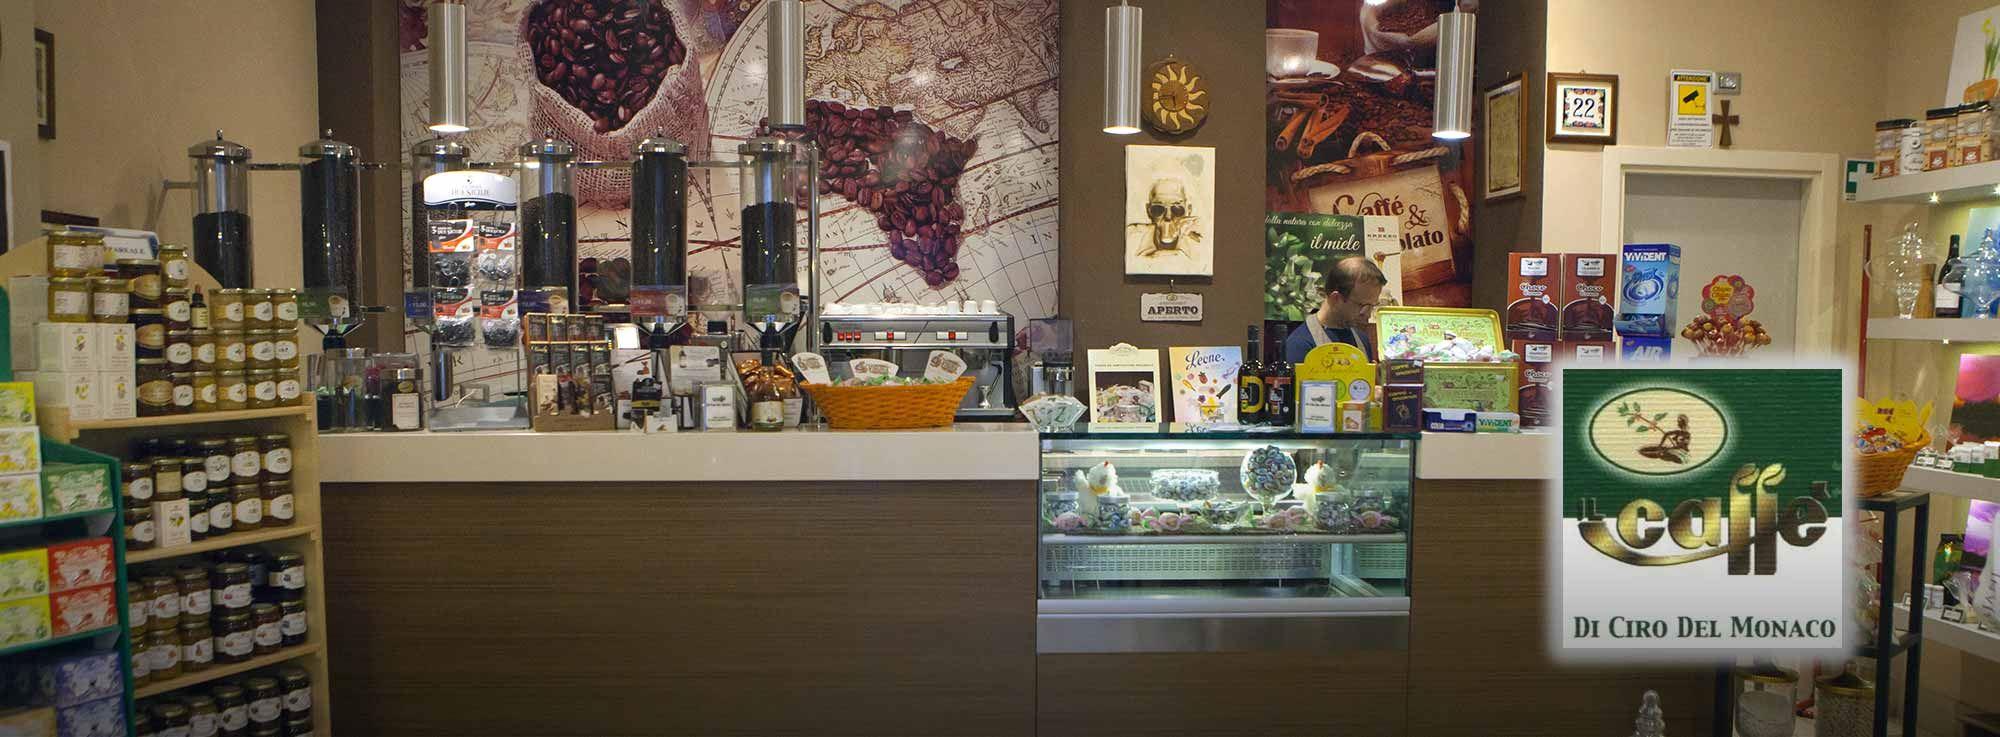 Il Caffè di Ciro del Monaco Barletta